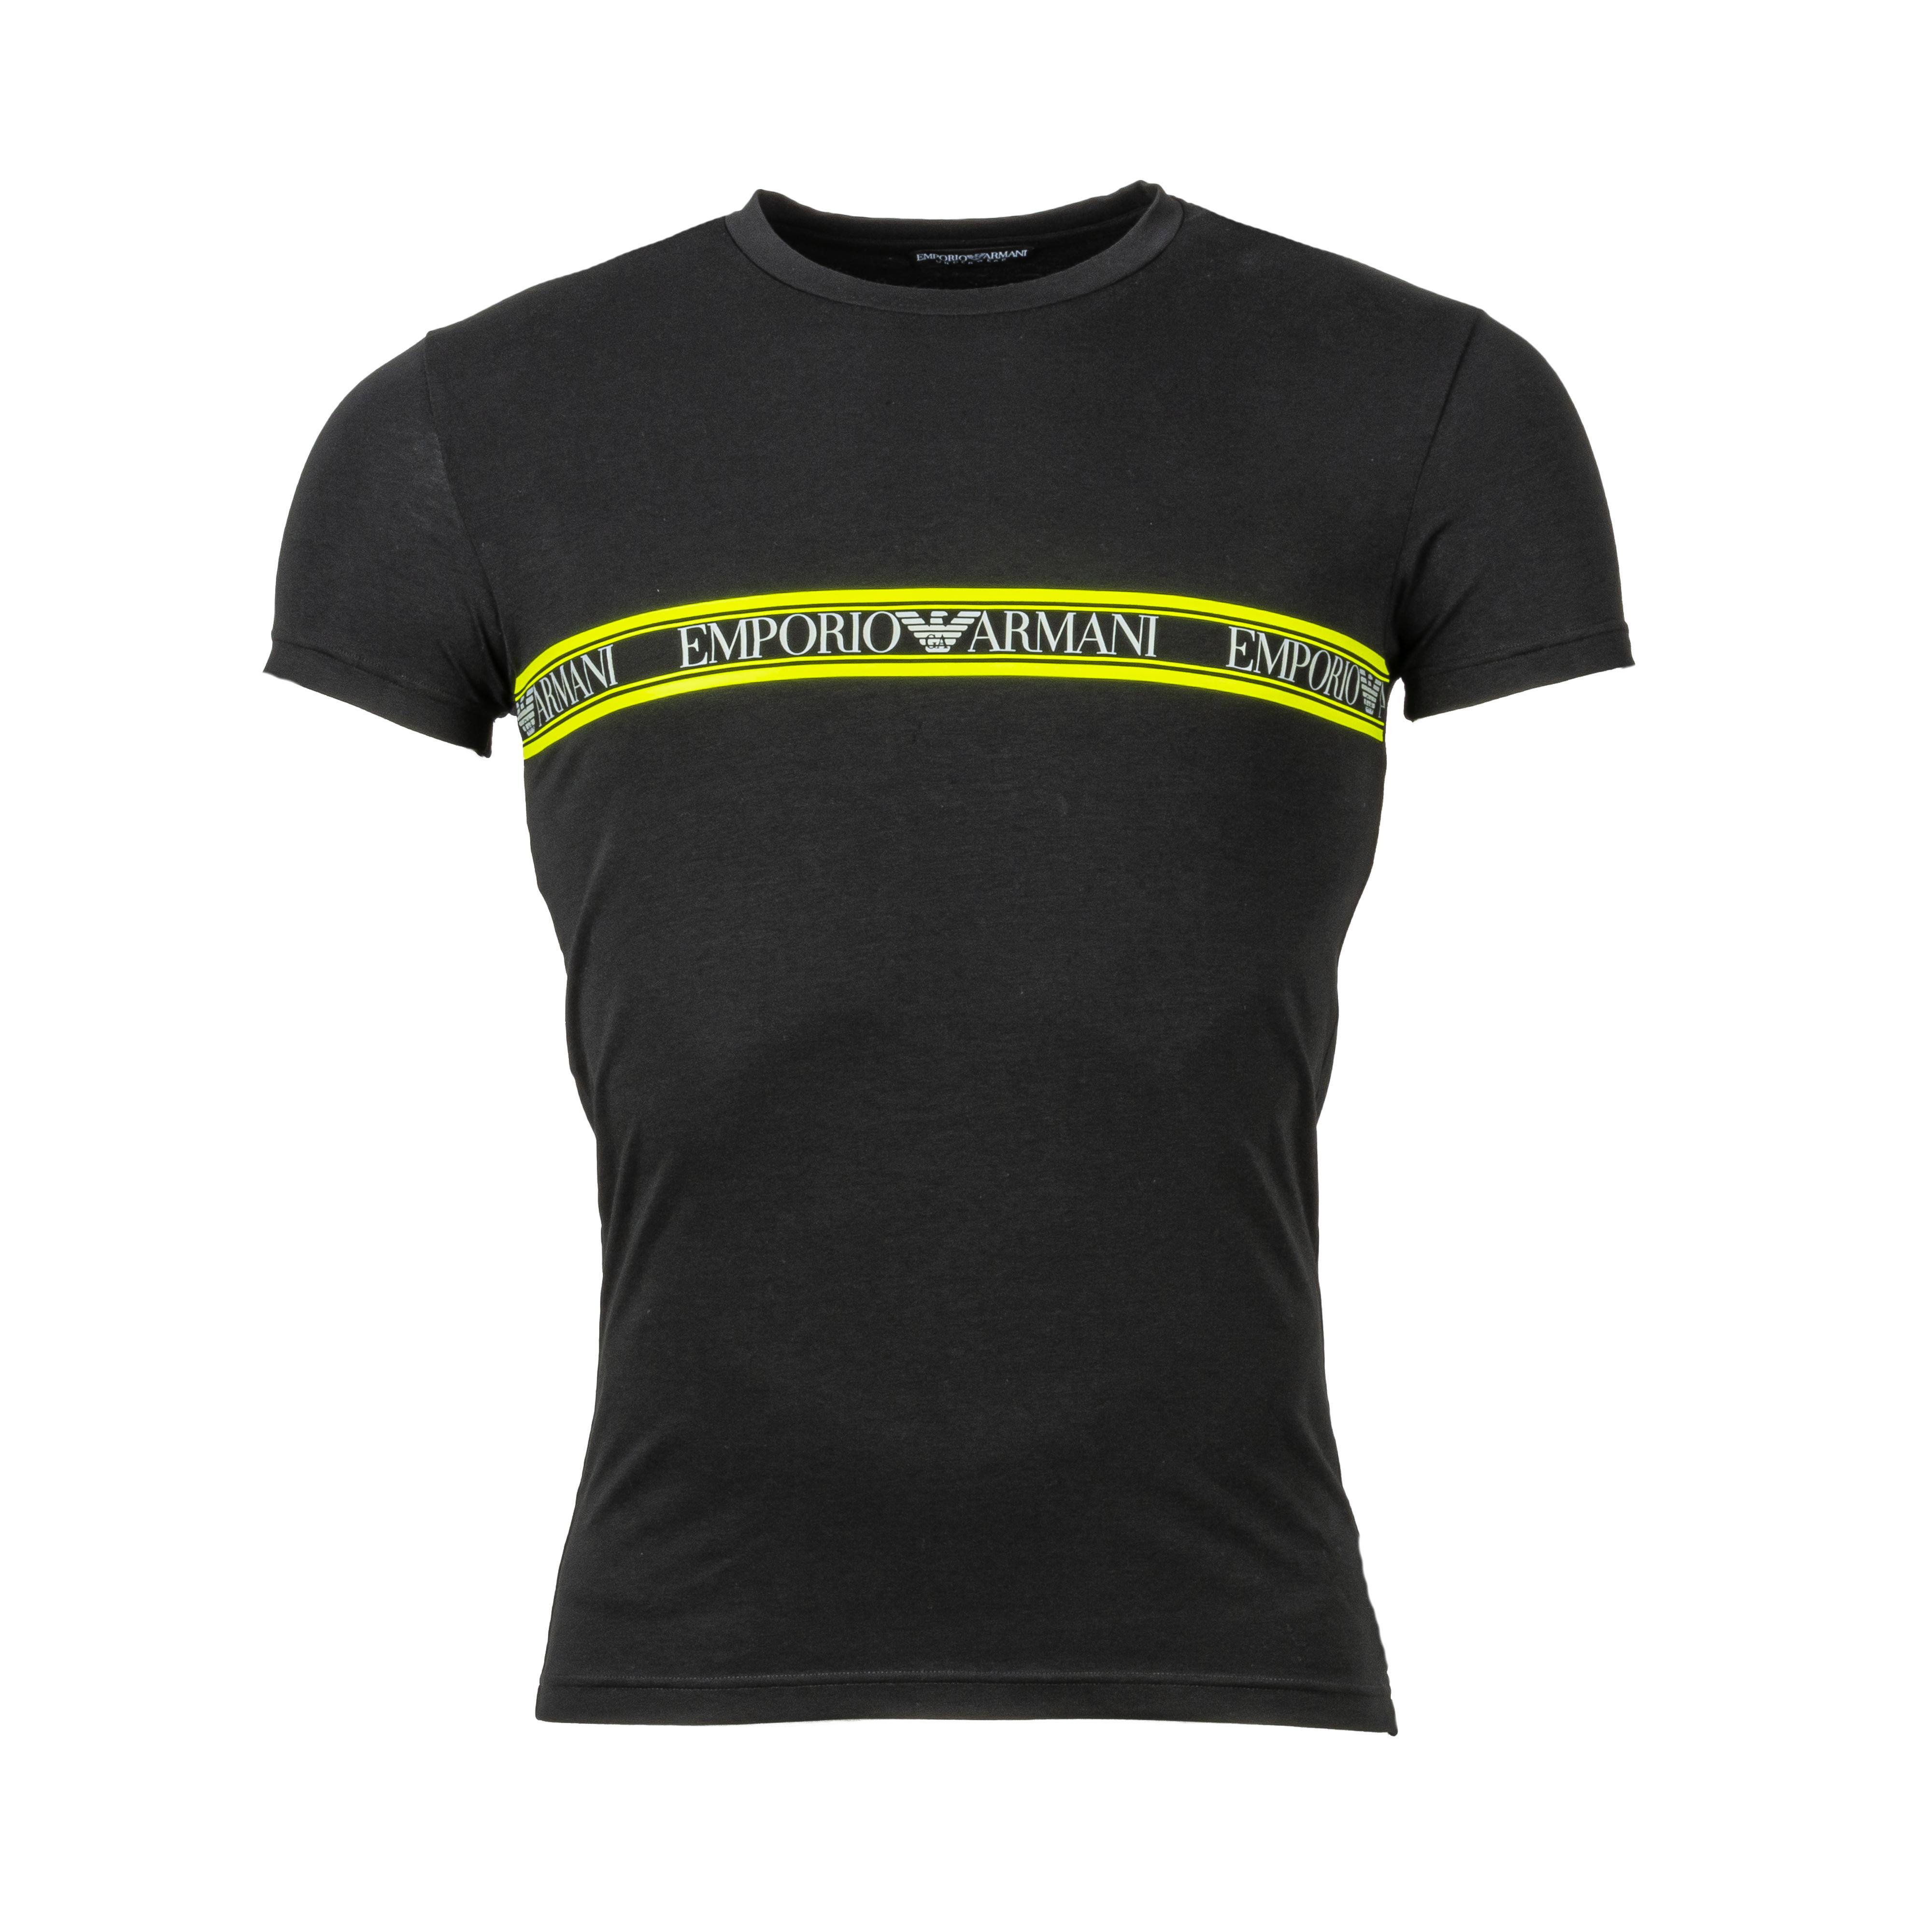 Tee-shirt col rond  en coton stretch noir floqué en gris et vert fluo